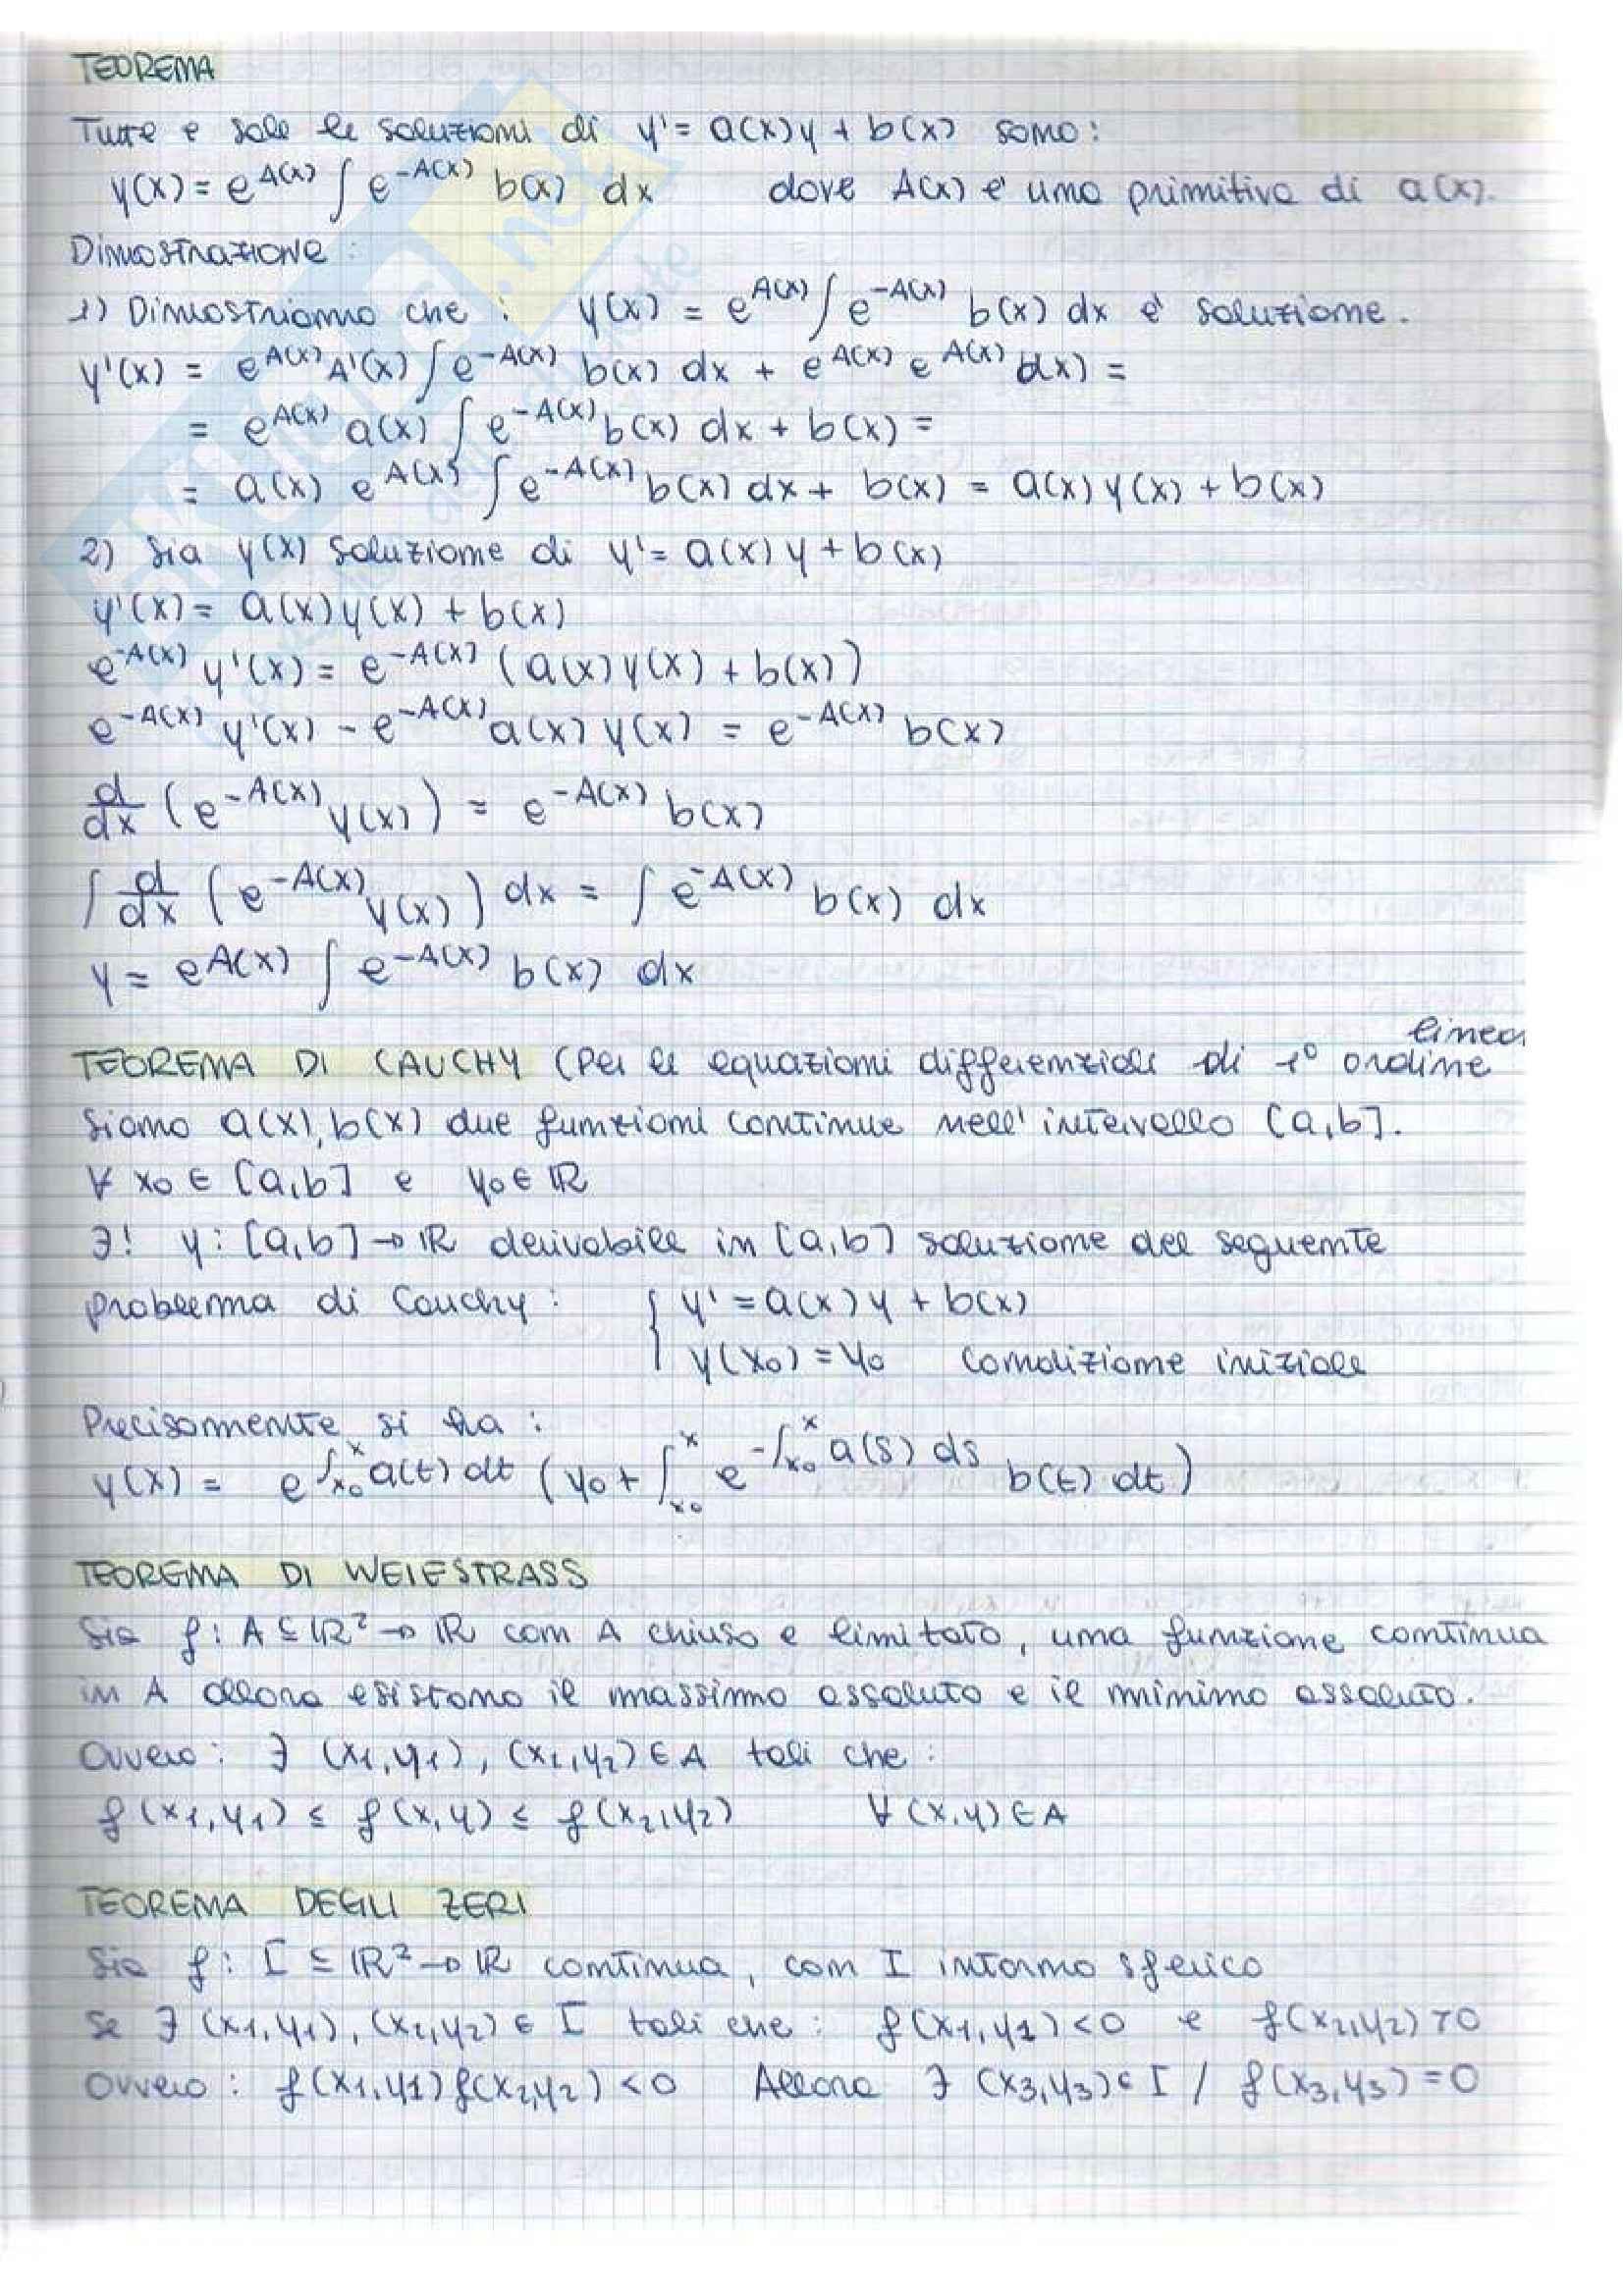 Analisi matematica II - teoremi e dimostrazioni